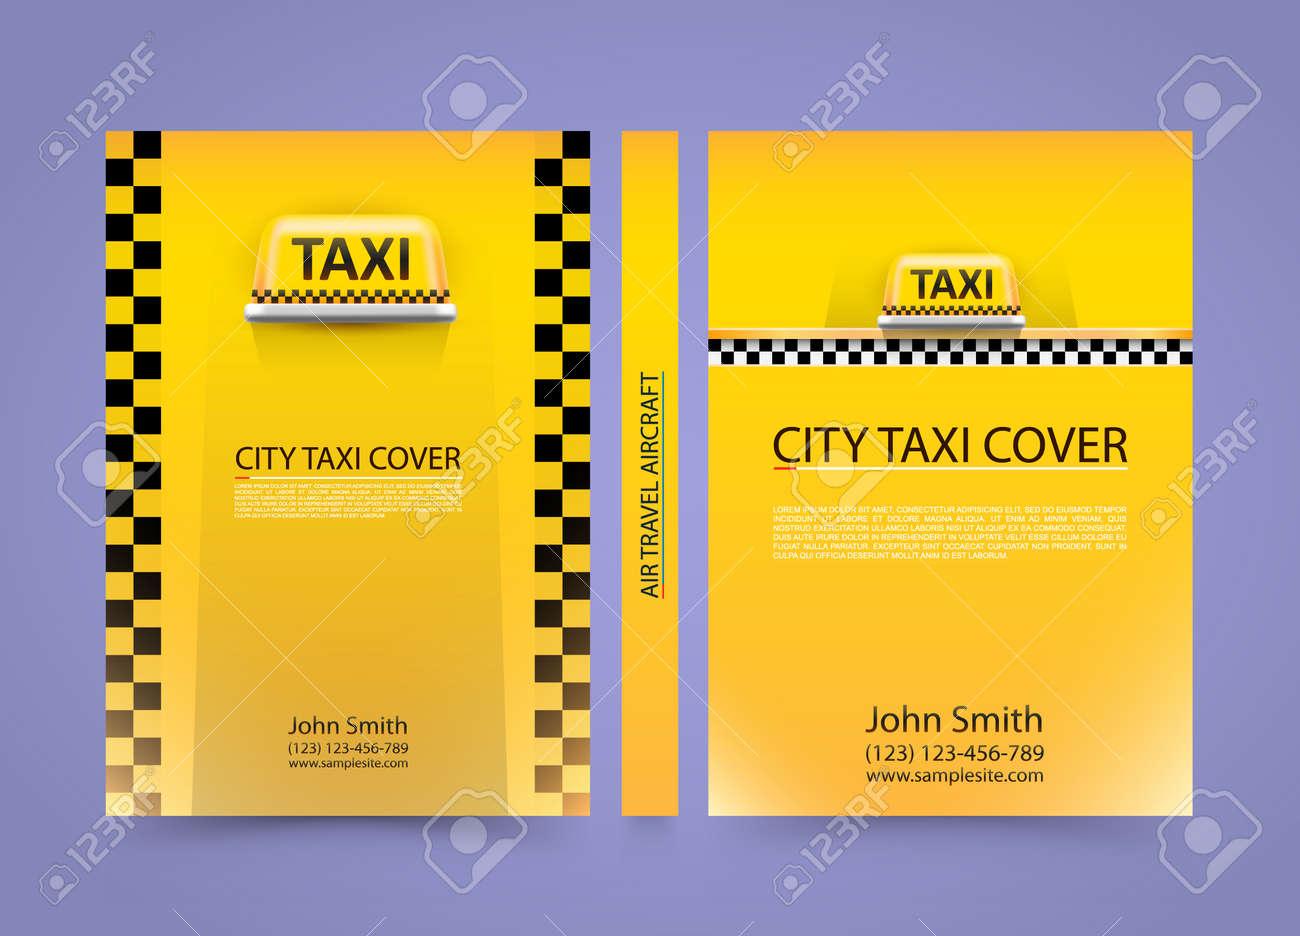 Taxi Carte De Visite Trafic Couvercle Arriere Plan Du Papier